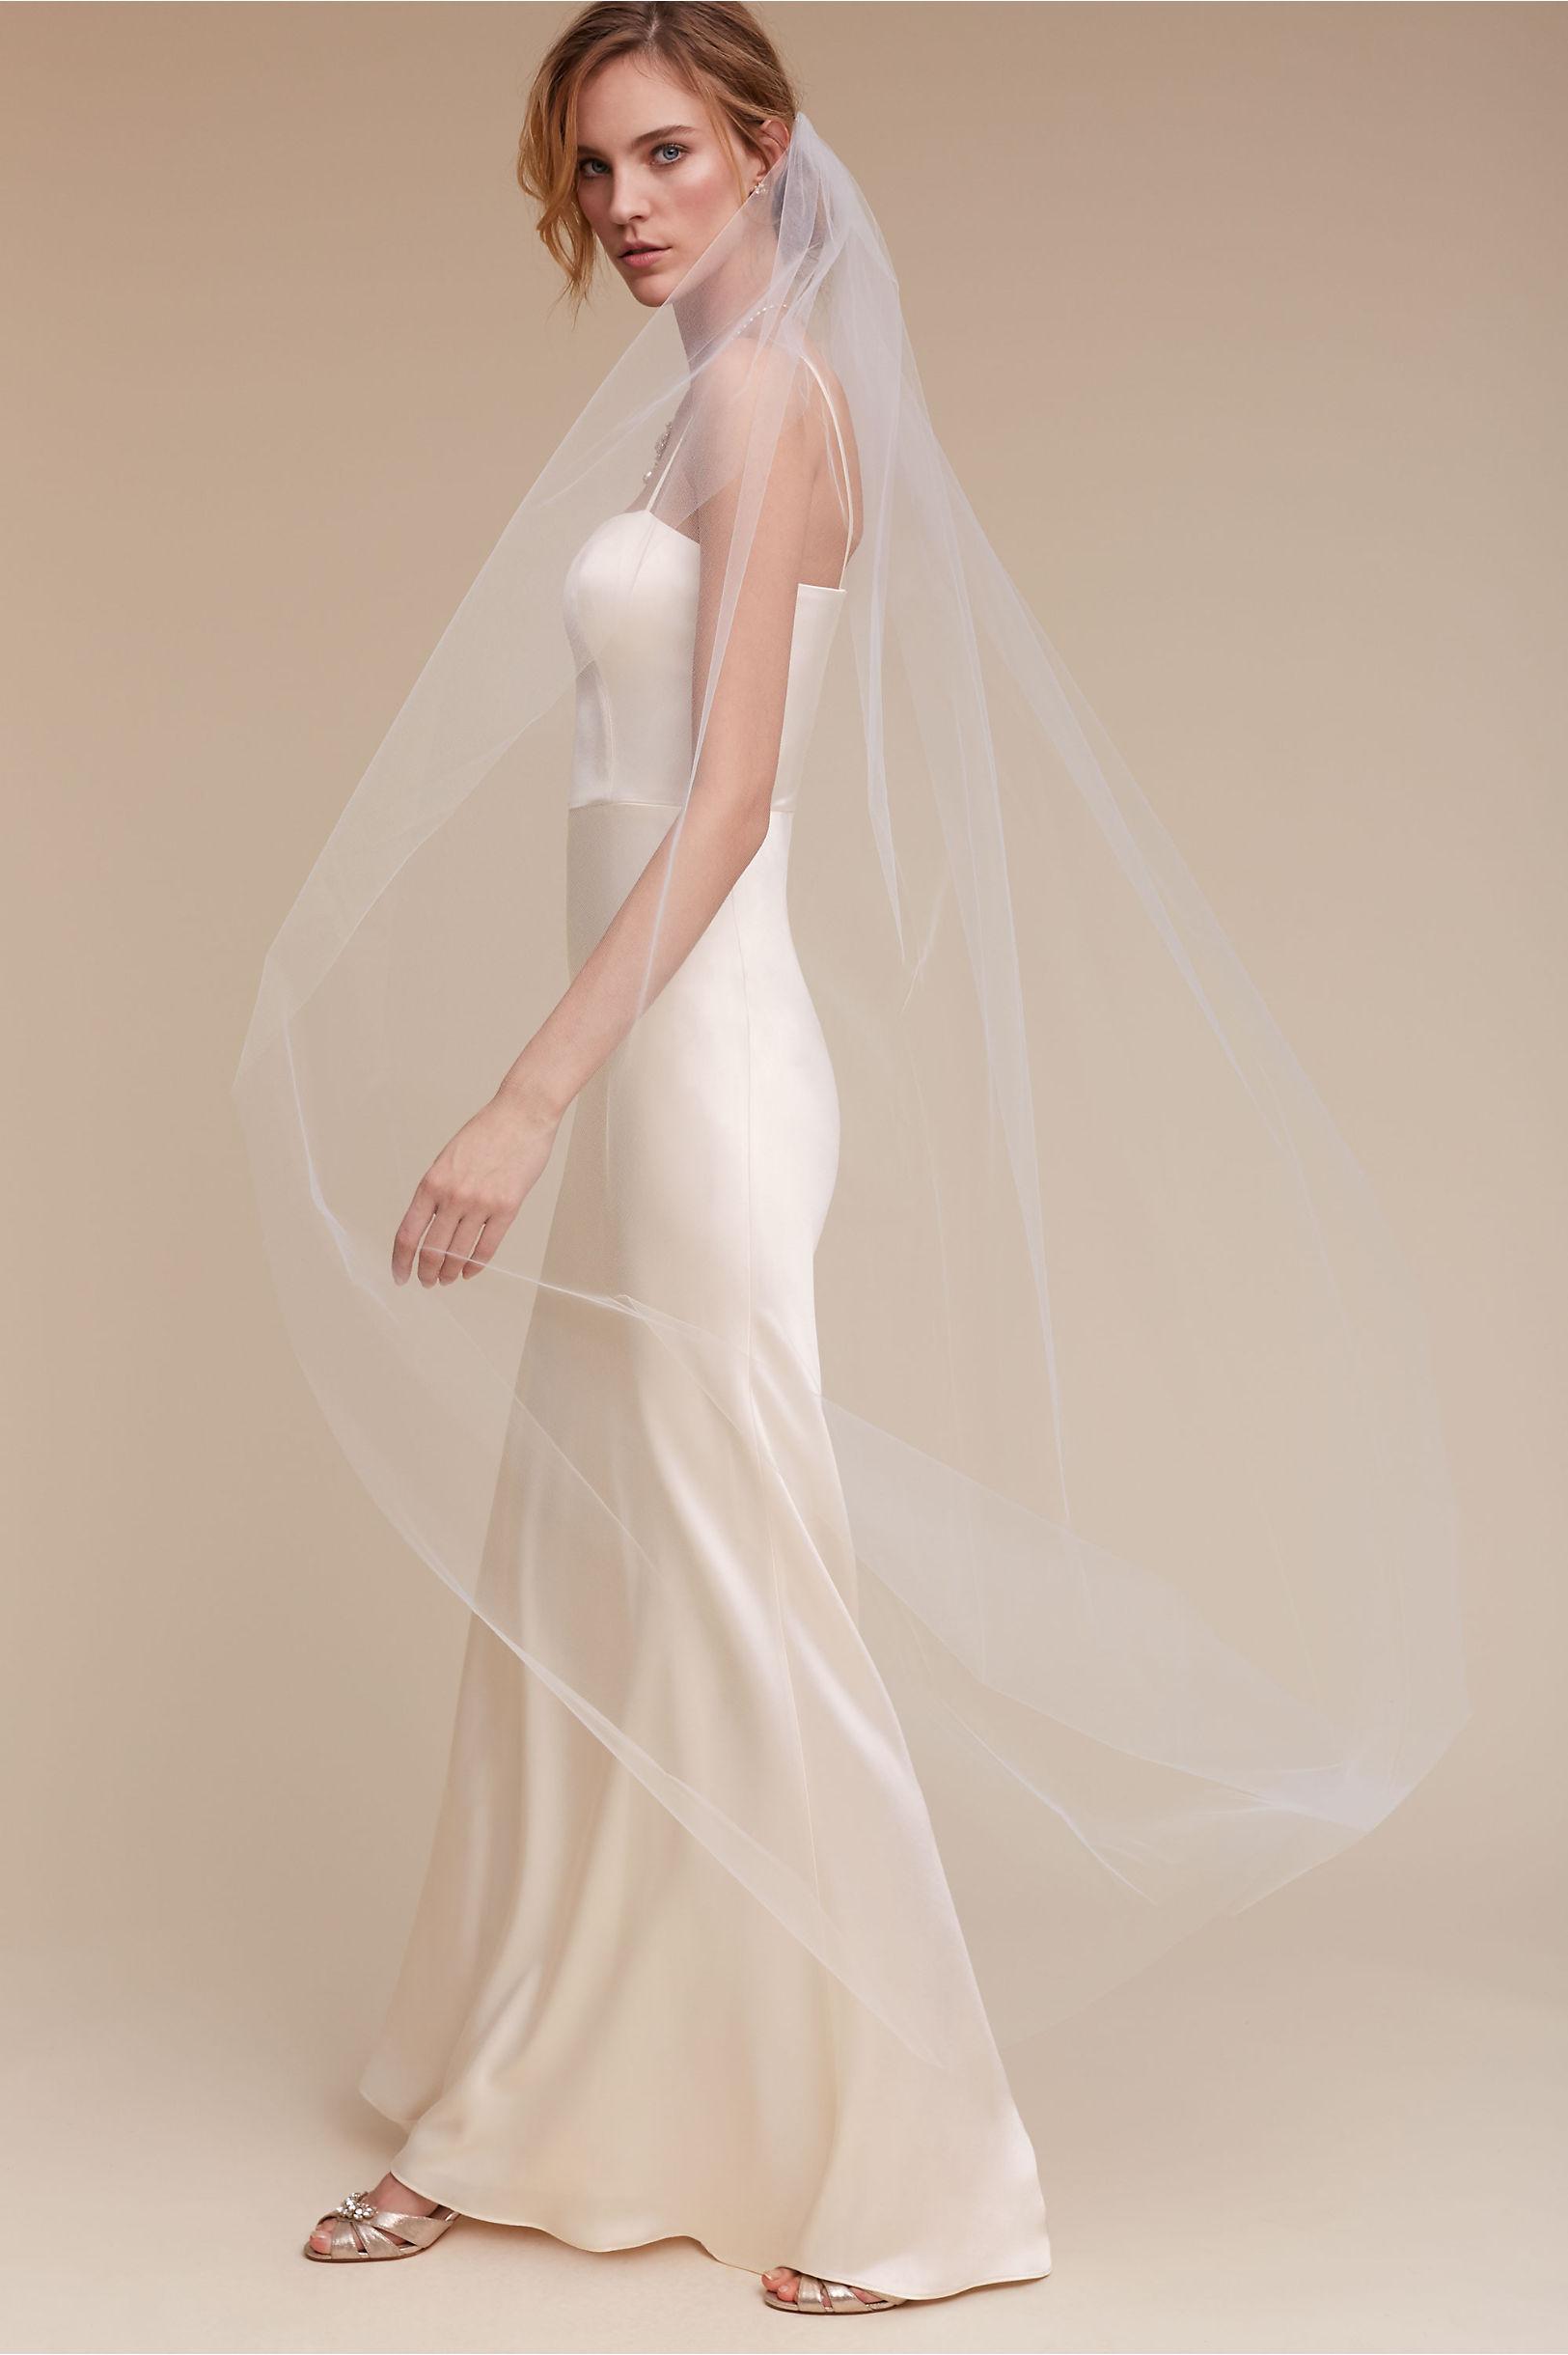 Moonlight Veil Ivory in Bride | BHLDN